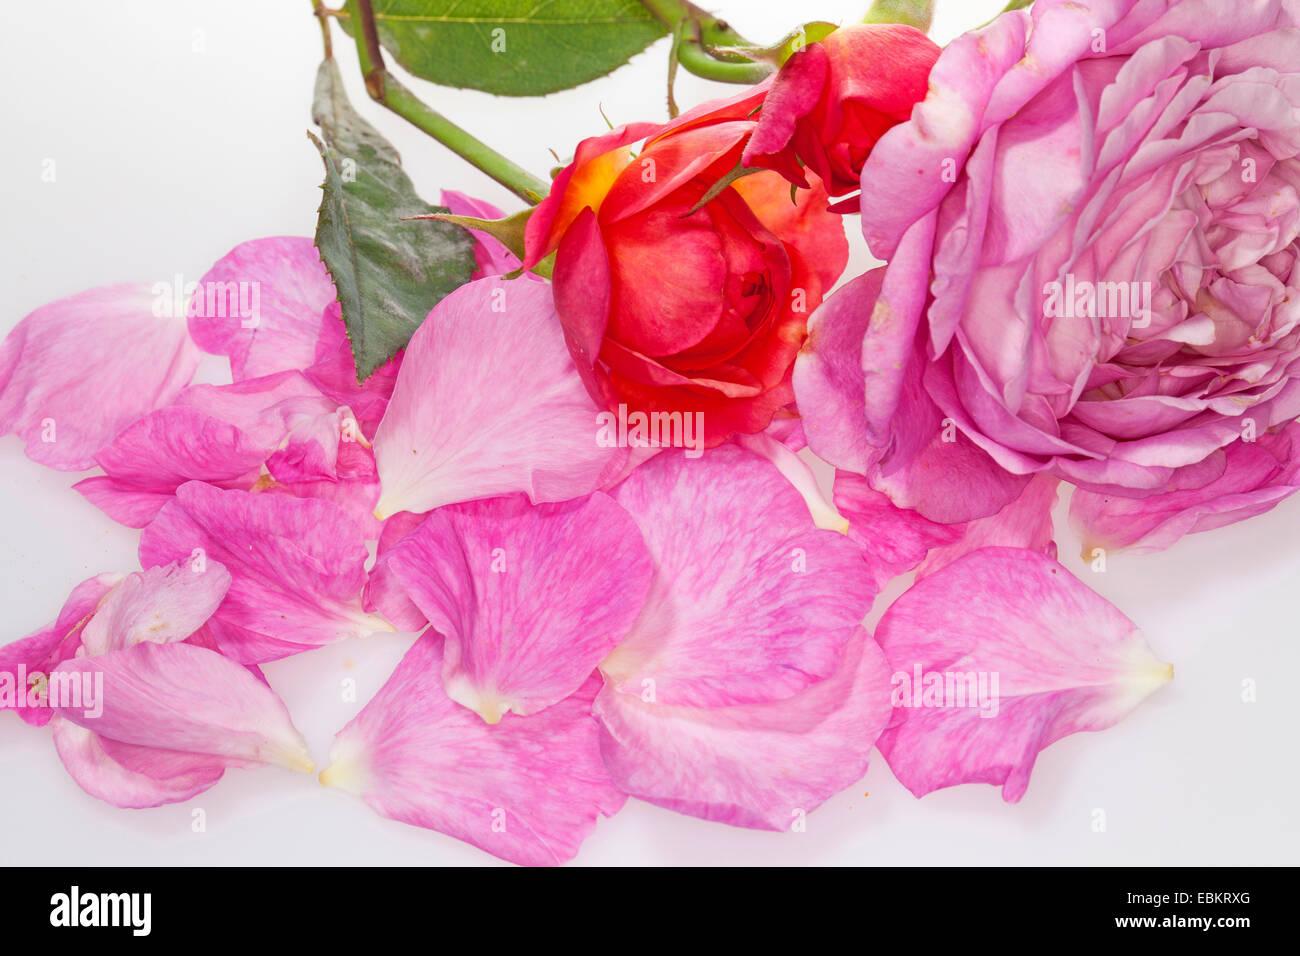 ornamental rose (Rosa spec.), petals of a rose - Stock Image